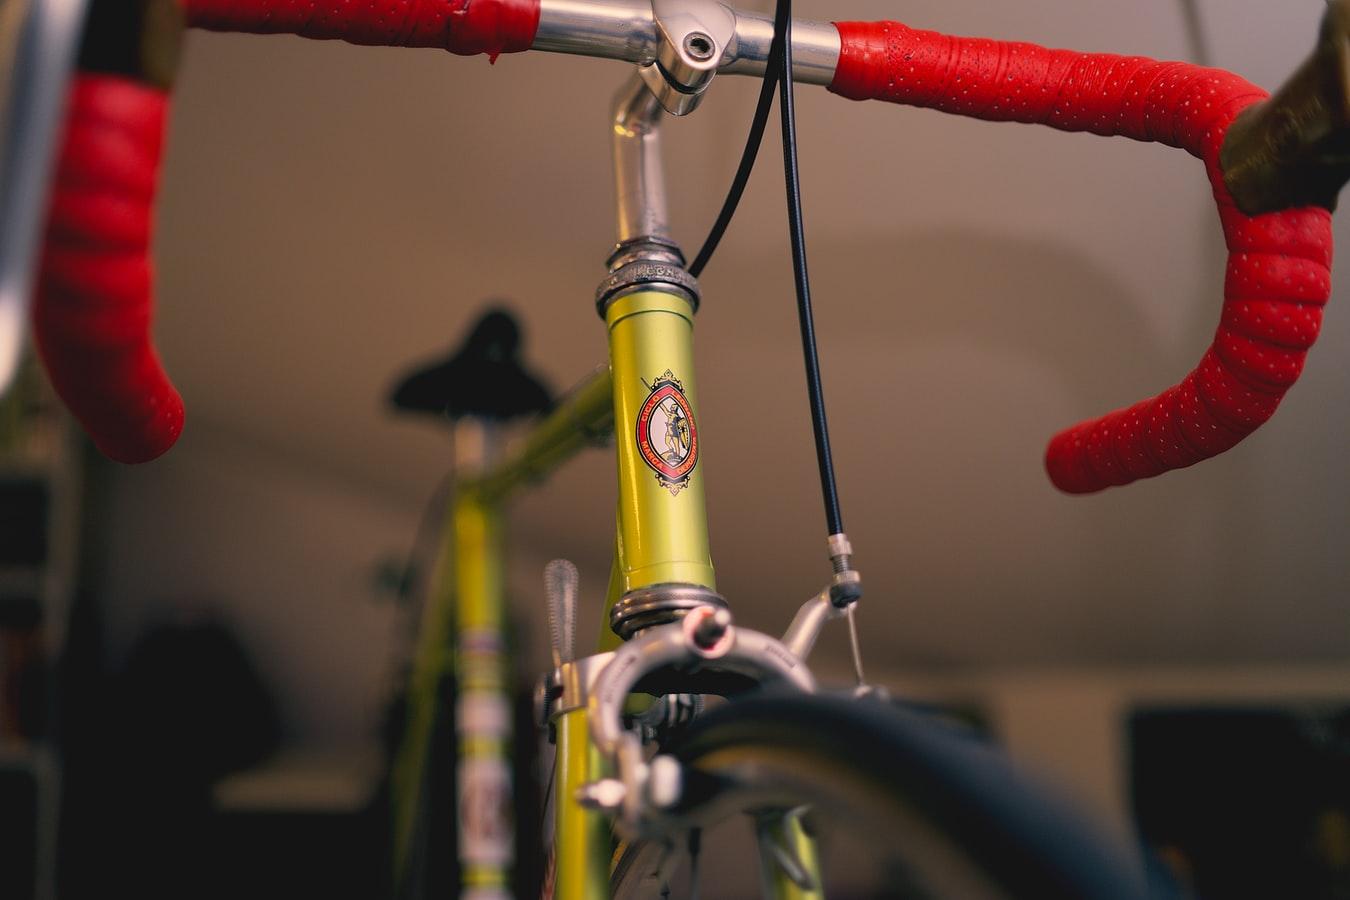 La DGT explica cómo tendrás que adelantar a los ciclistas a partir de este año 1